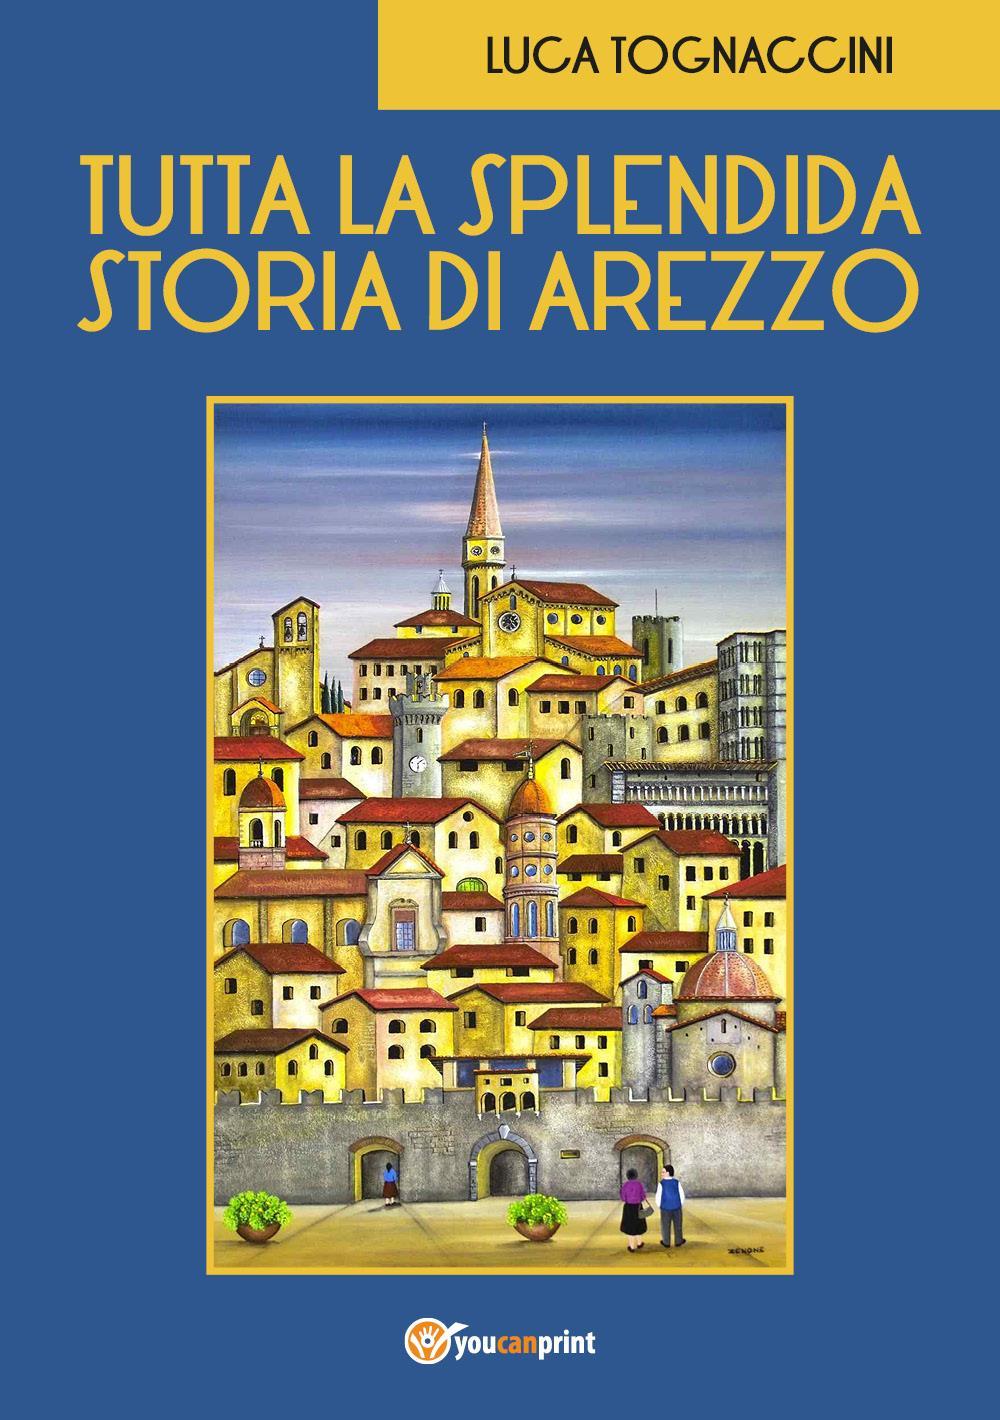 Tutta la Splendida Storia di Arezzo